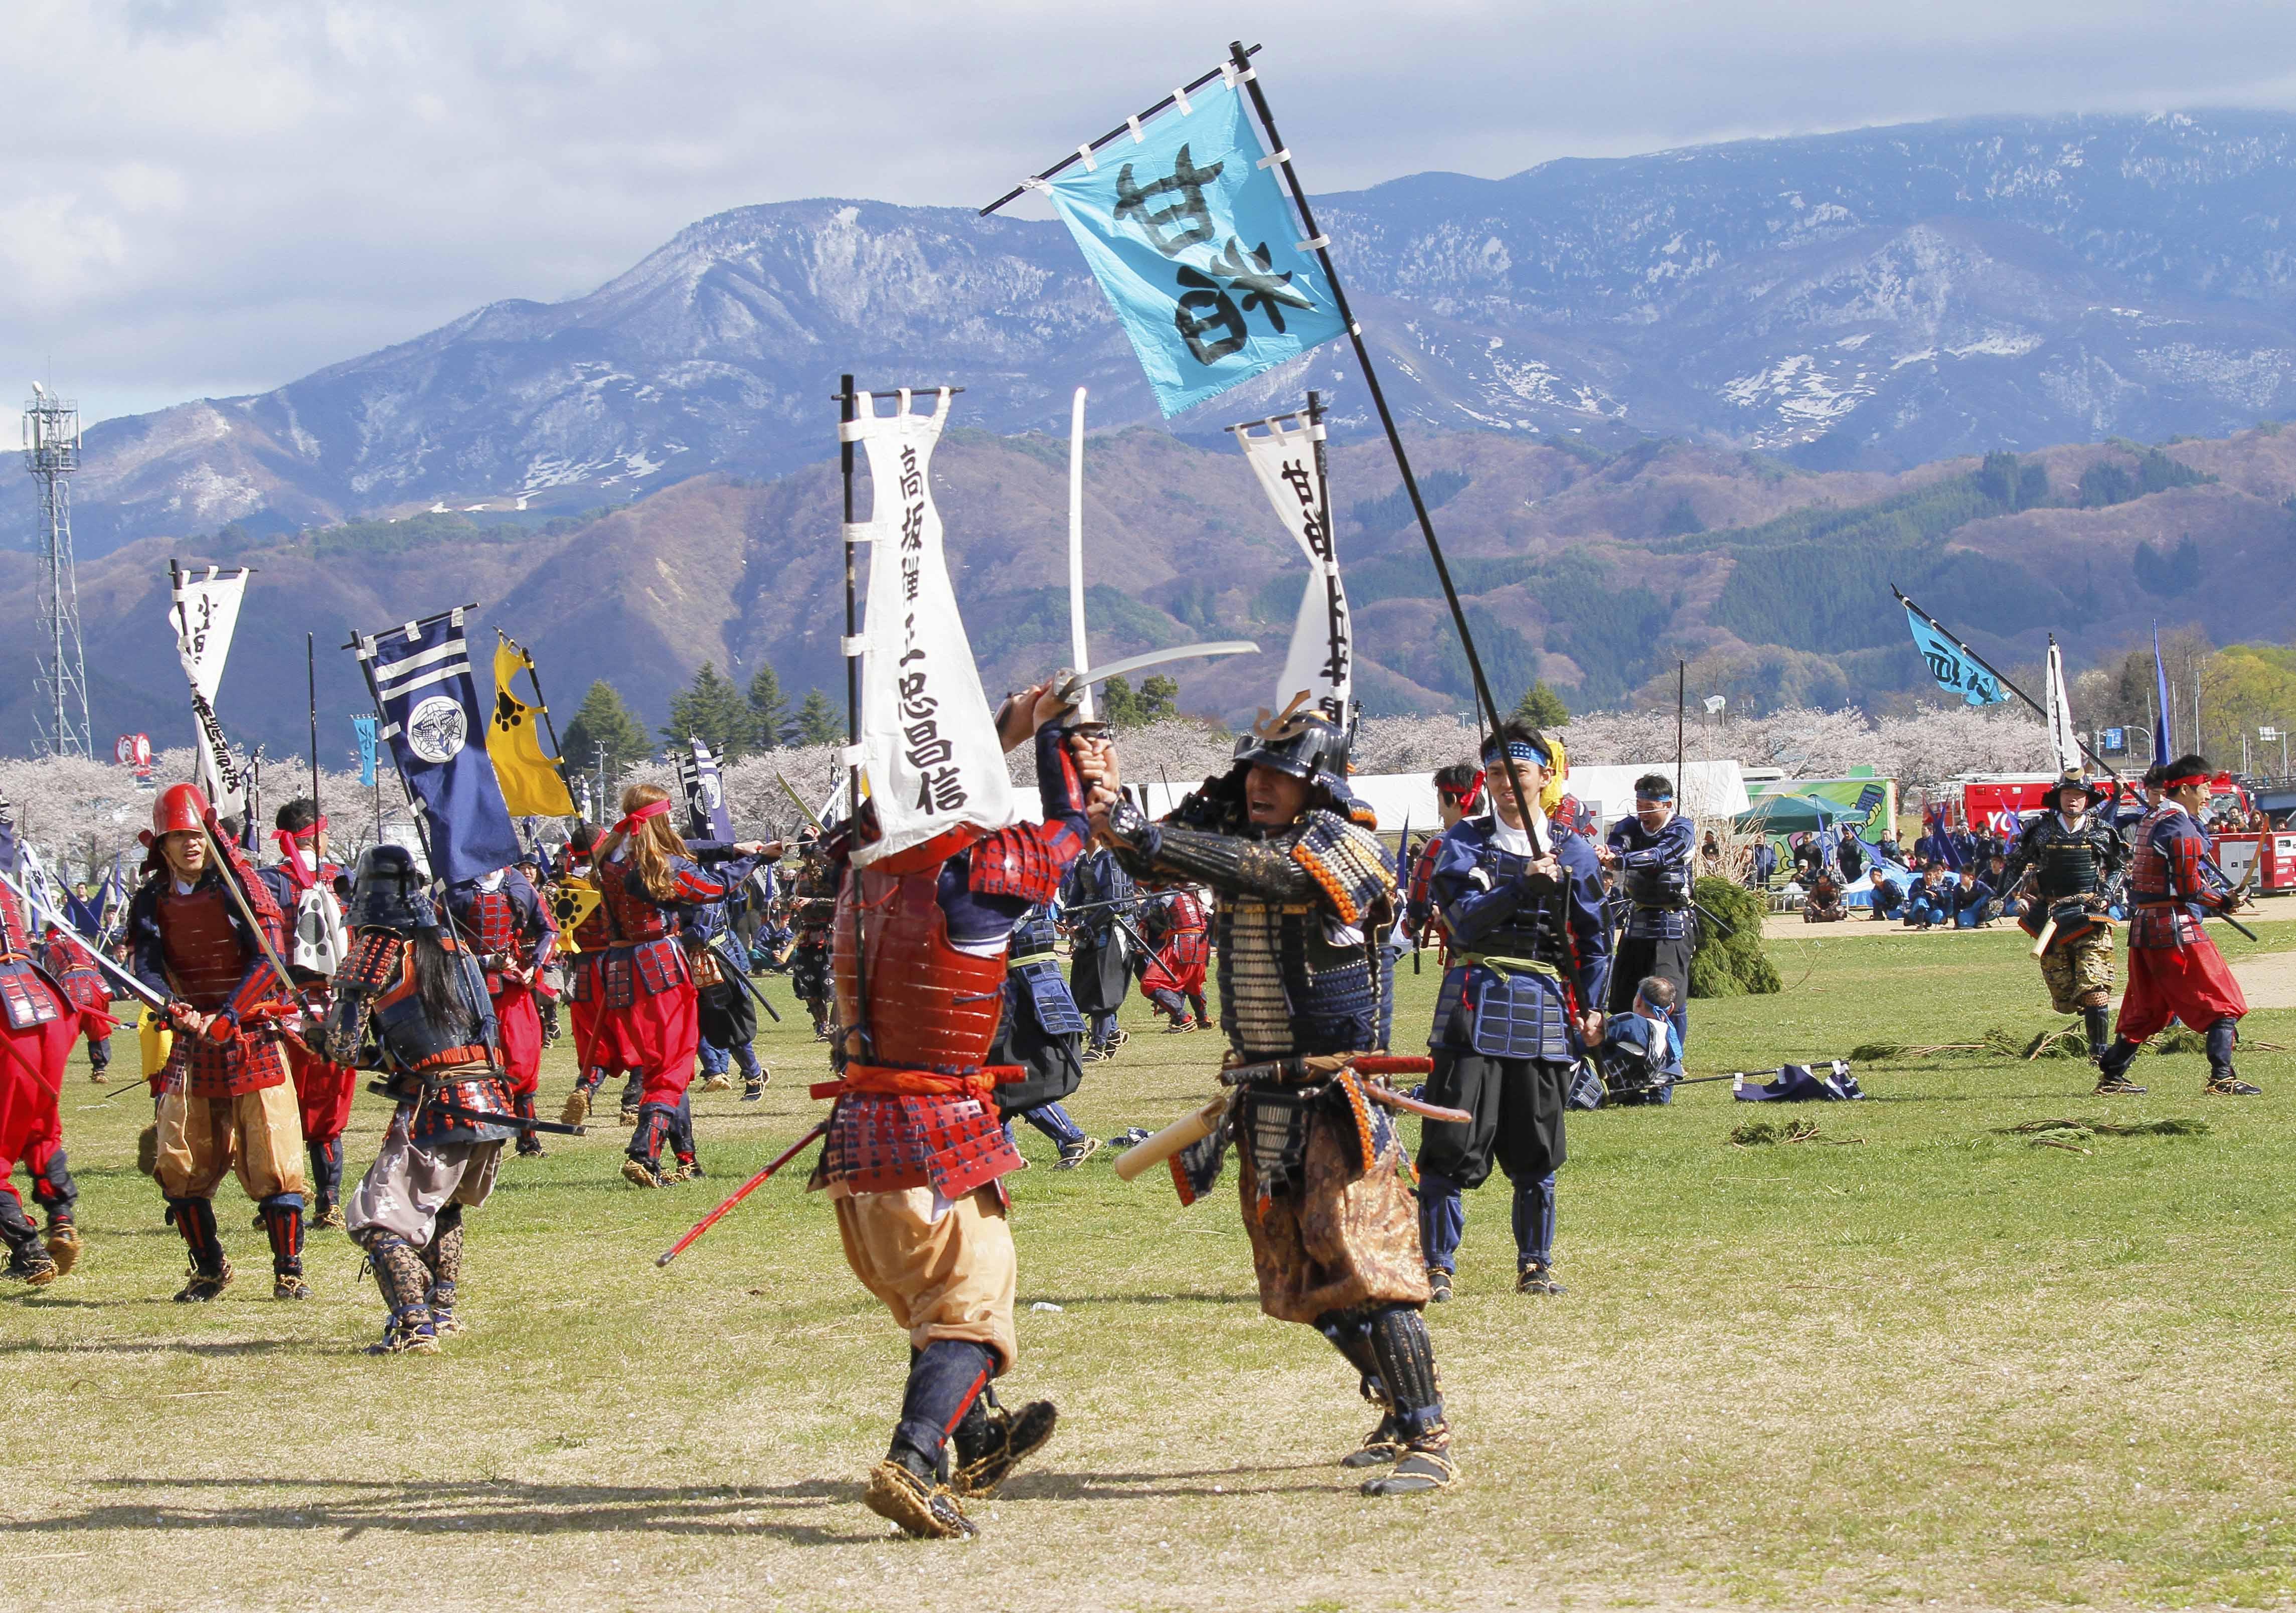 令和3年度米沢上杉まつりの開催延期について:画像